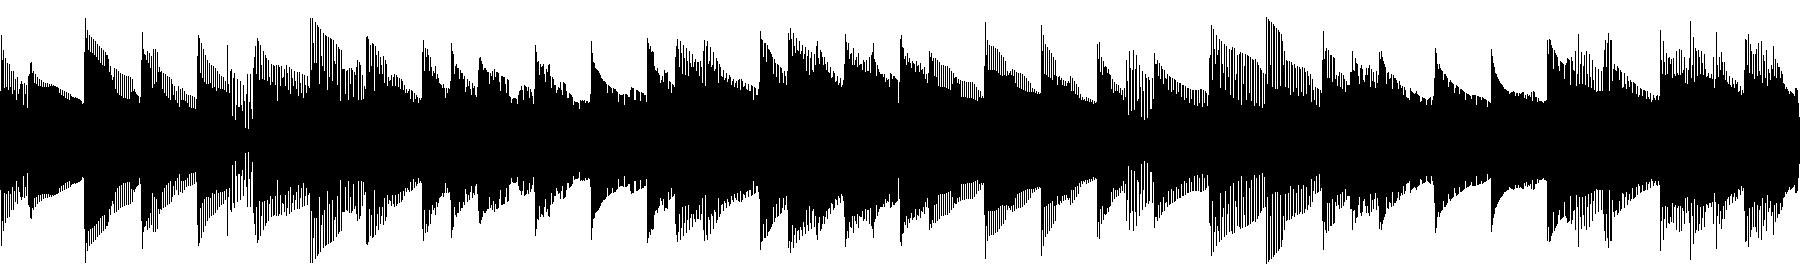 bass7 160